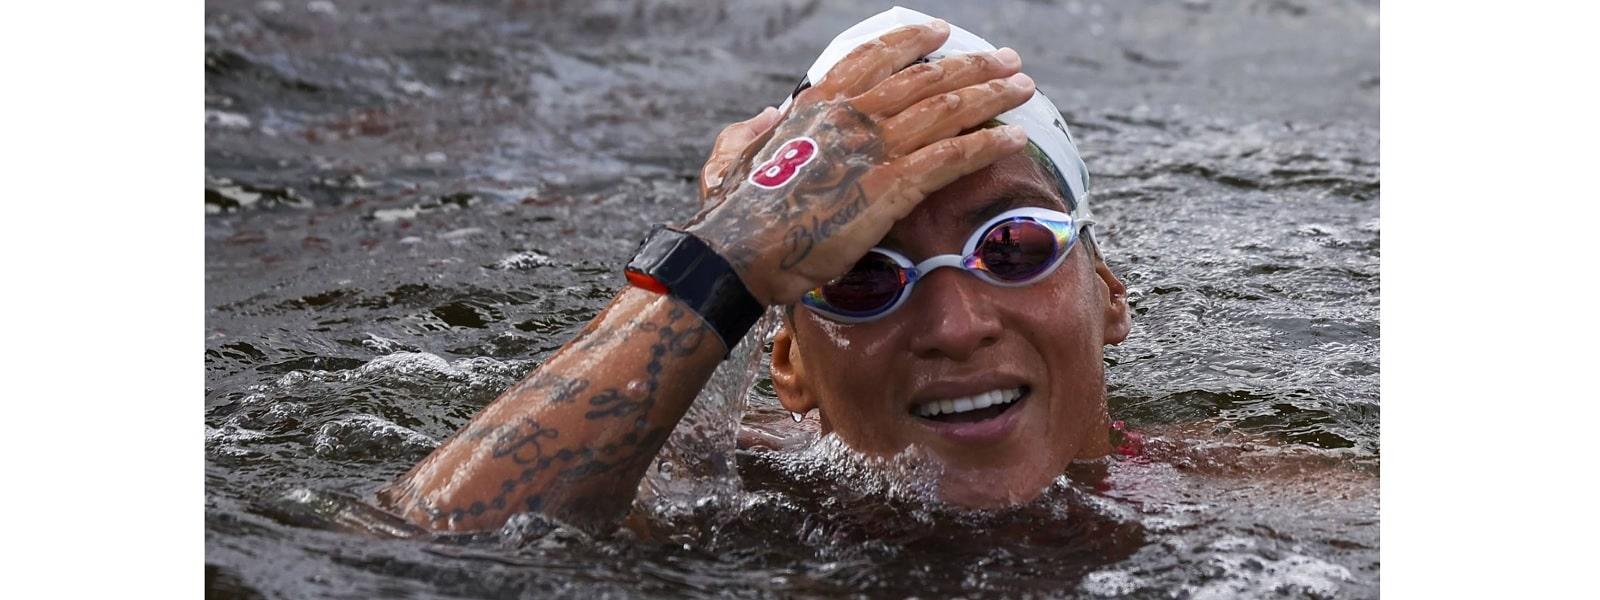 மகளிருக்கான 10 கி.மீ மரதன் நீச்சல் போட்டியில் தங்கம் வென்றது பிரேசில்